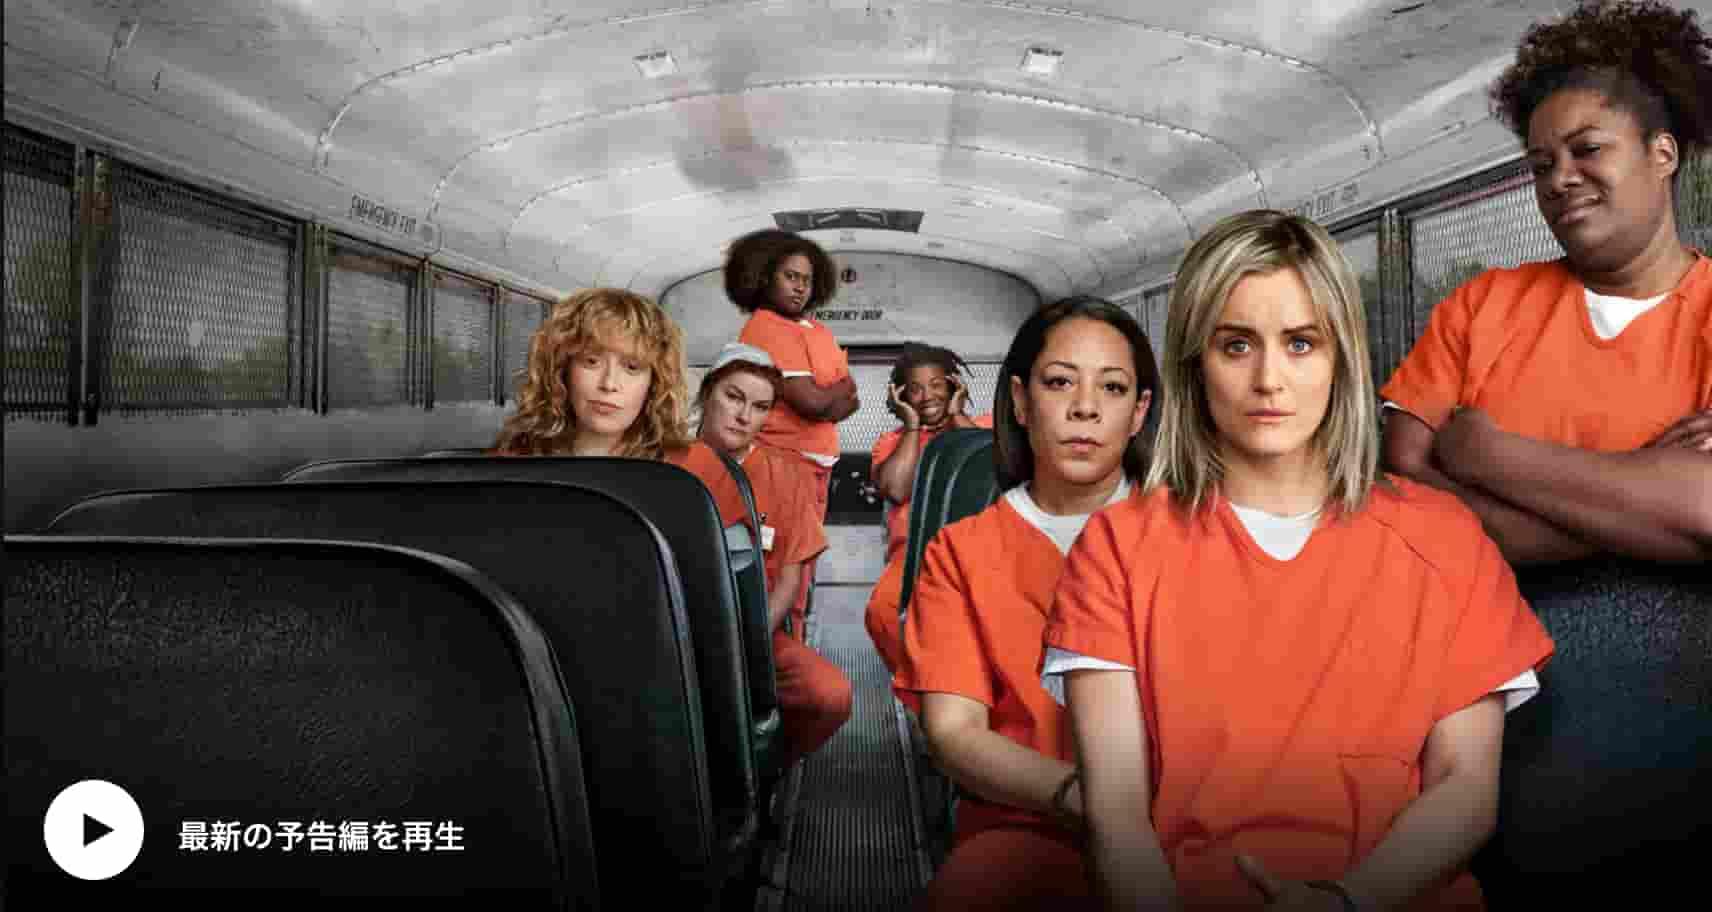 『オレンジ・イズ・ニュー・ブラック』を無料視聴する方法